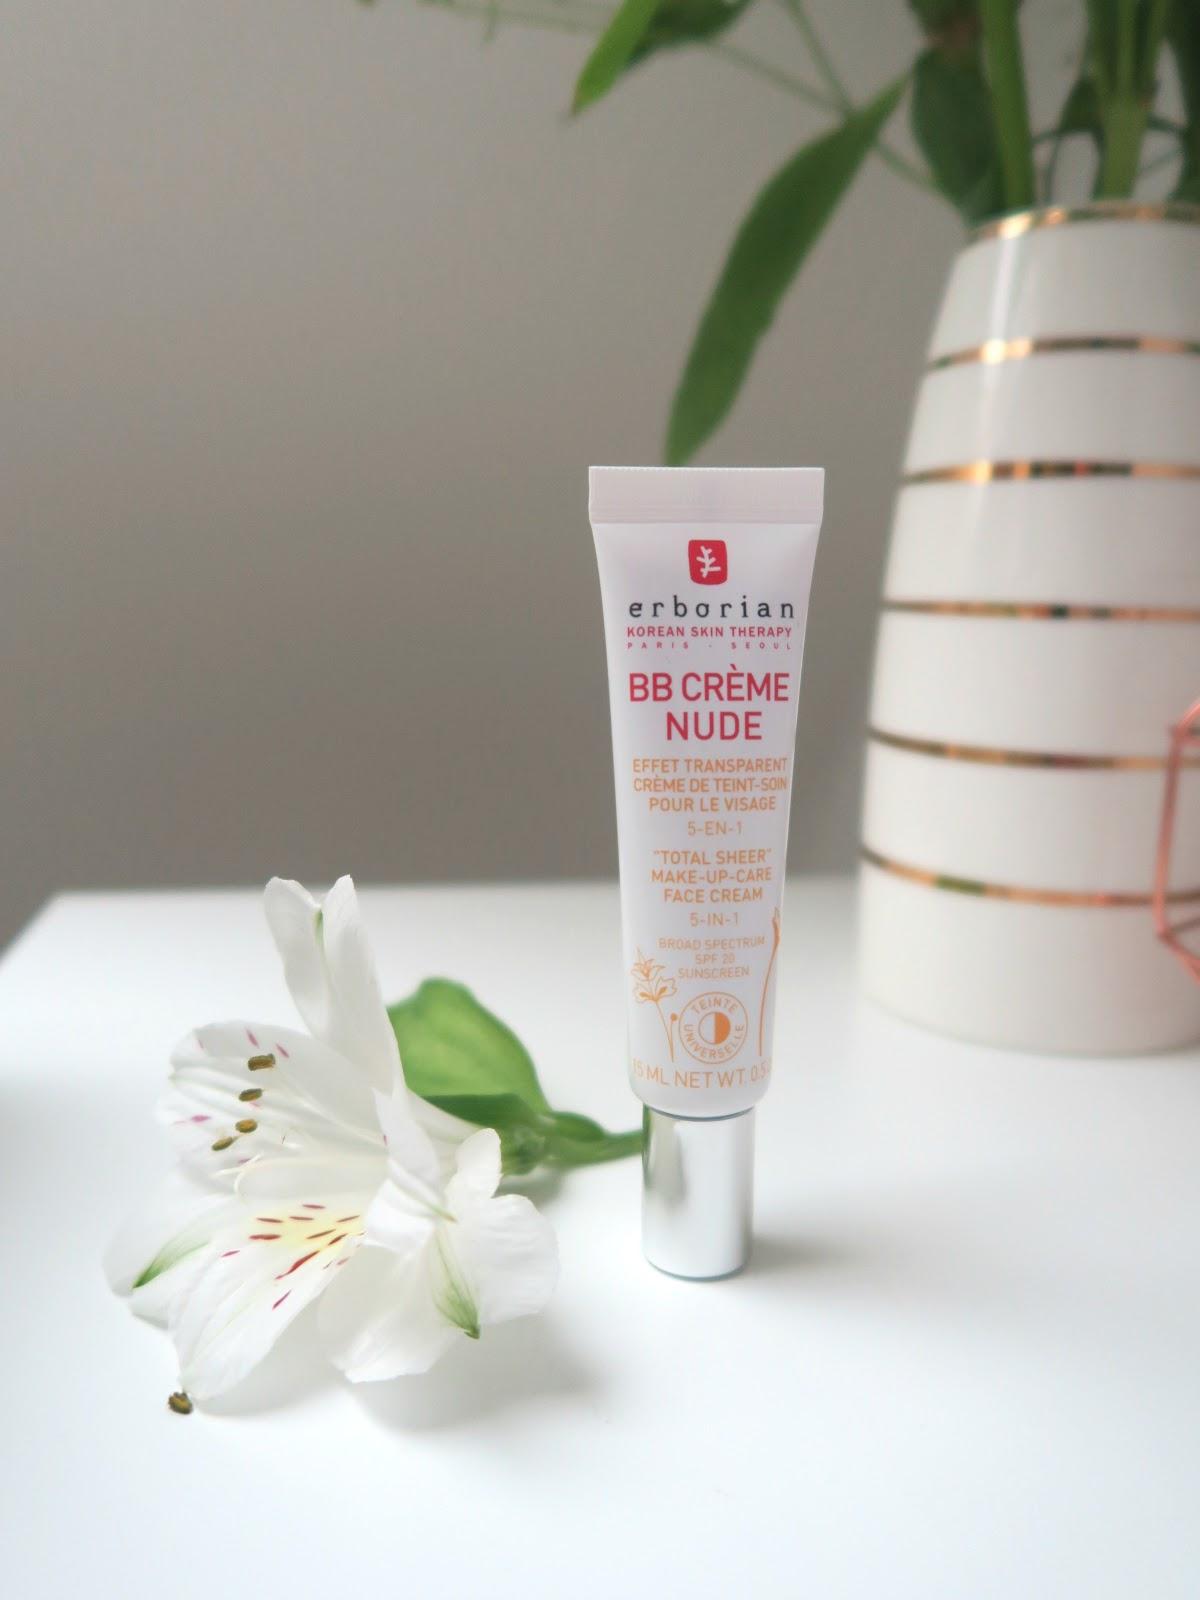 erborian CC Cream Radiance Cream Skin Perfector 15ml